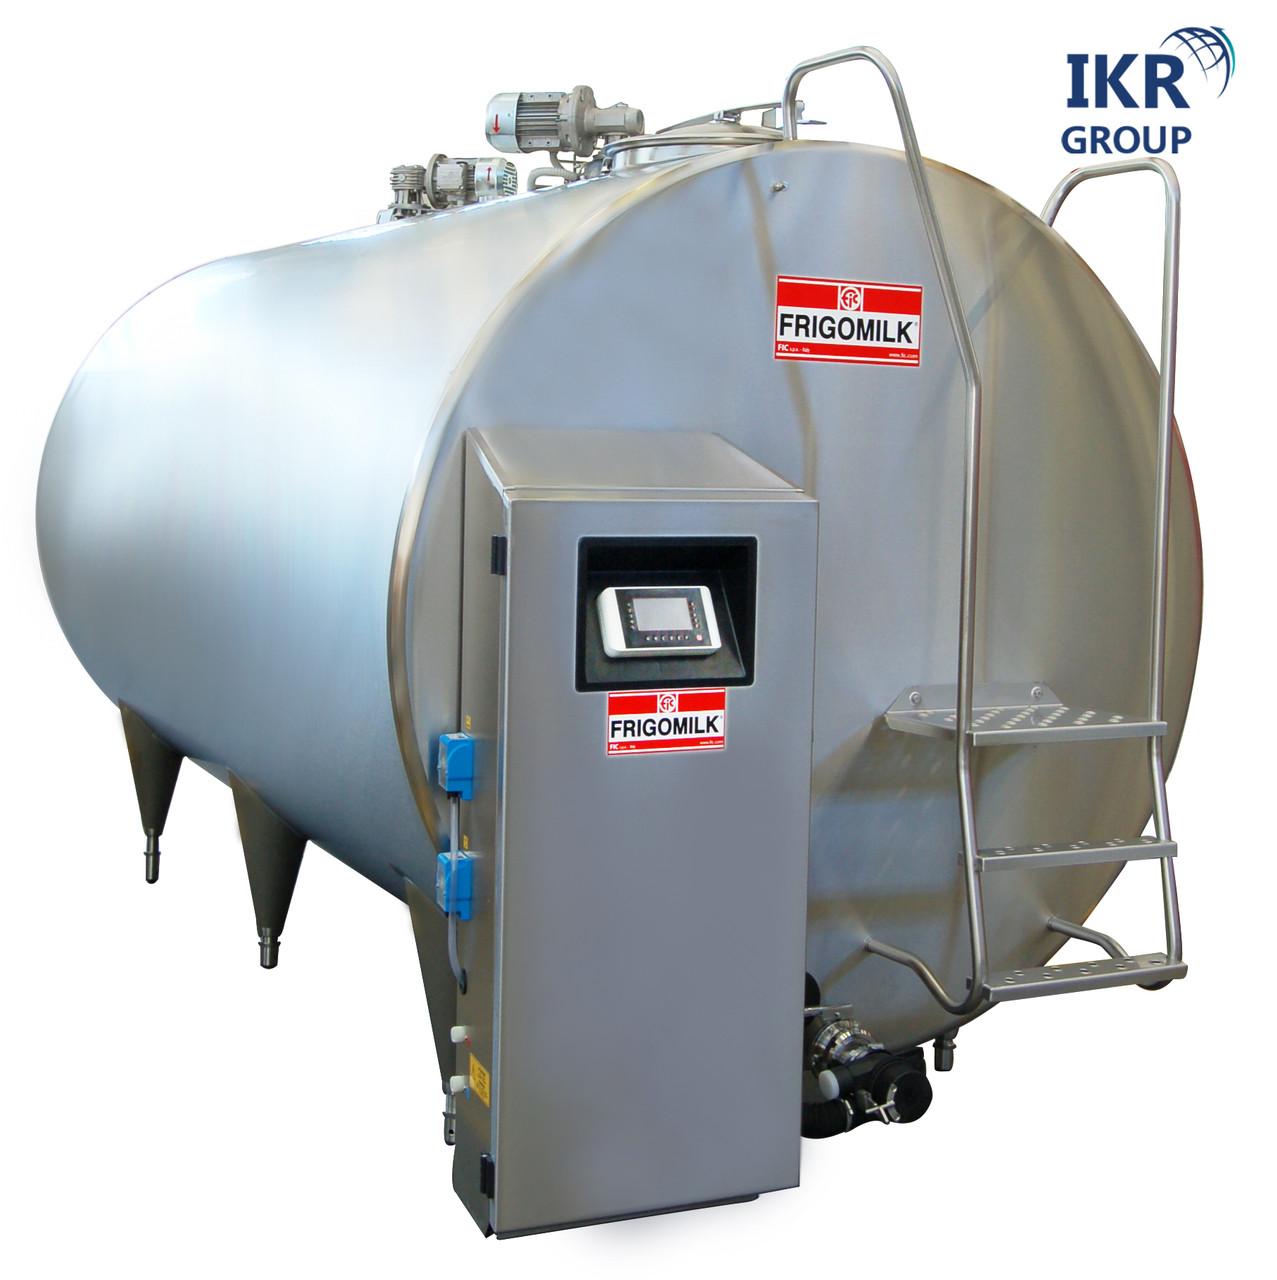 Танк охладитель молока новый Frigomilk G9 объемом 5000 литров